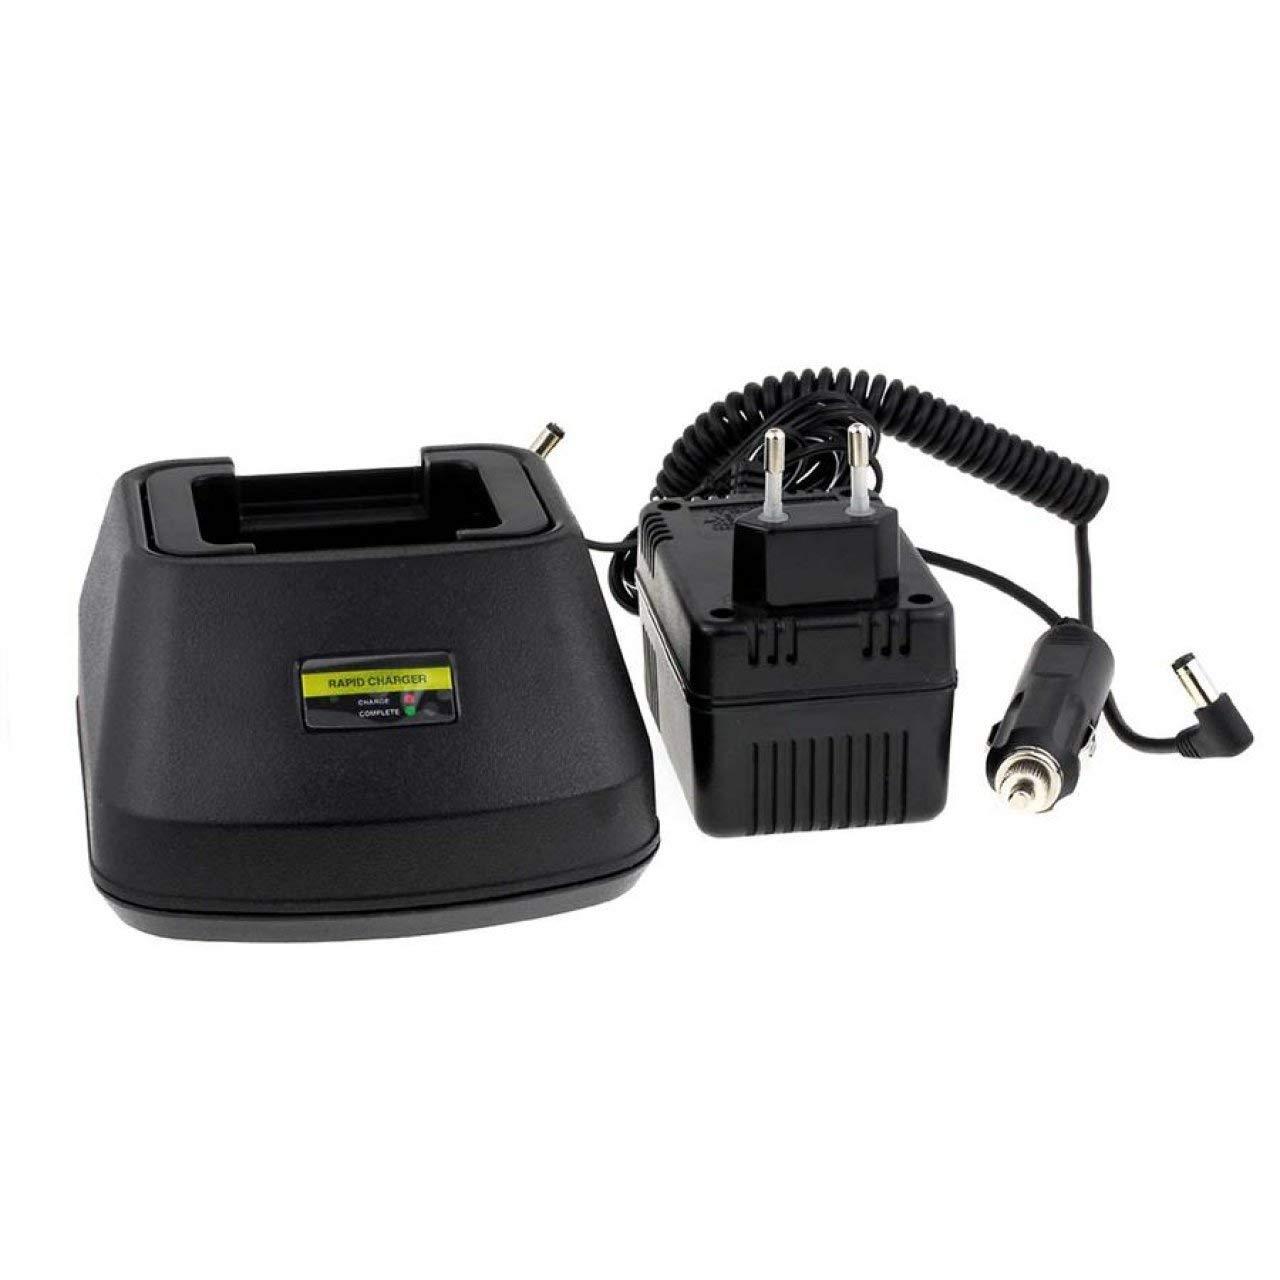 Powery Chargeur pour emetteur-récepteur Motorola CP040 [ Chargeurs (caméscope, PDA, Talkie-walkie .) ]